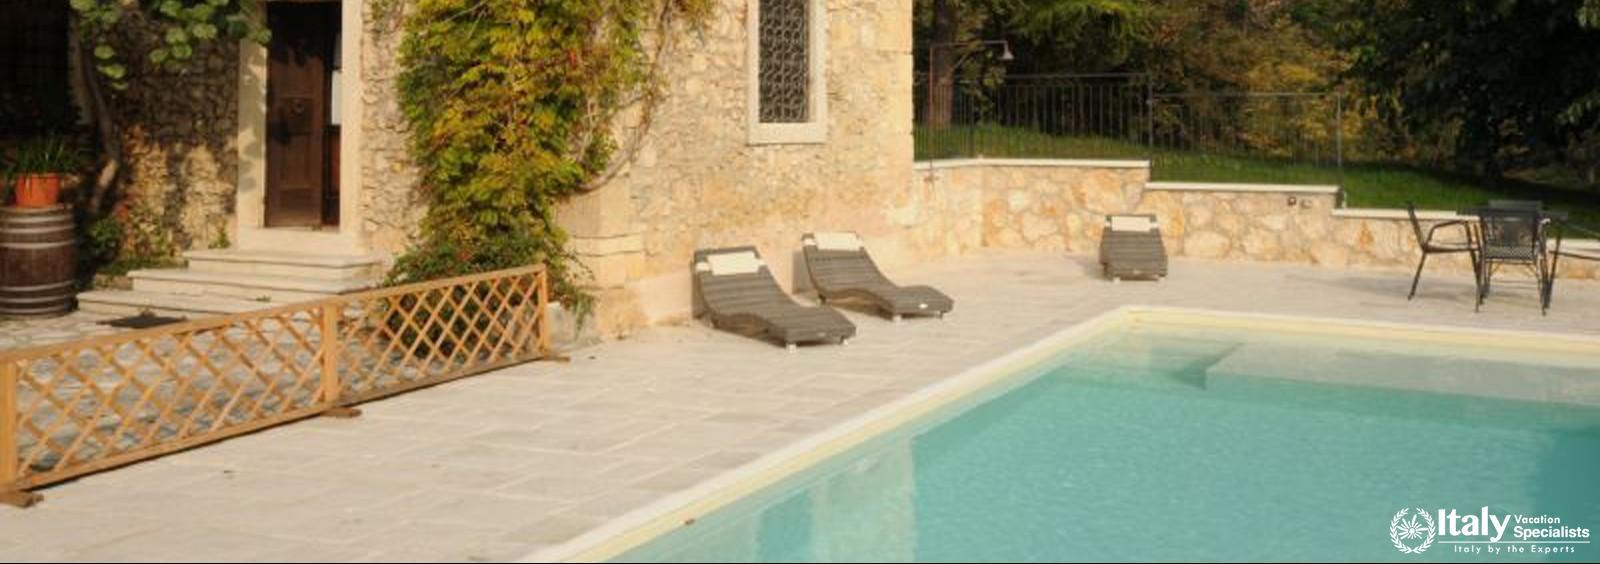 Outdoor swimming pool in Villa Delizioso